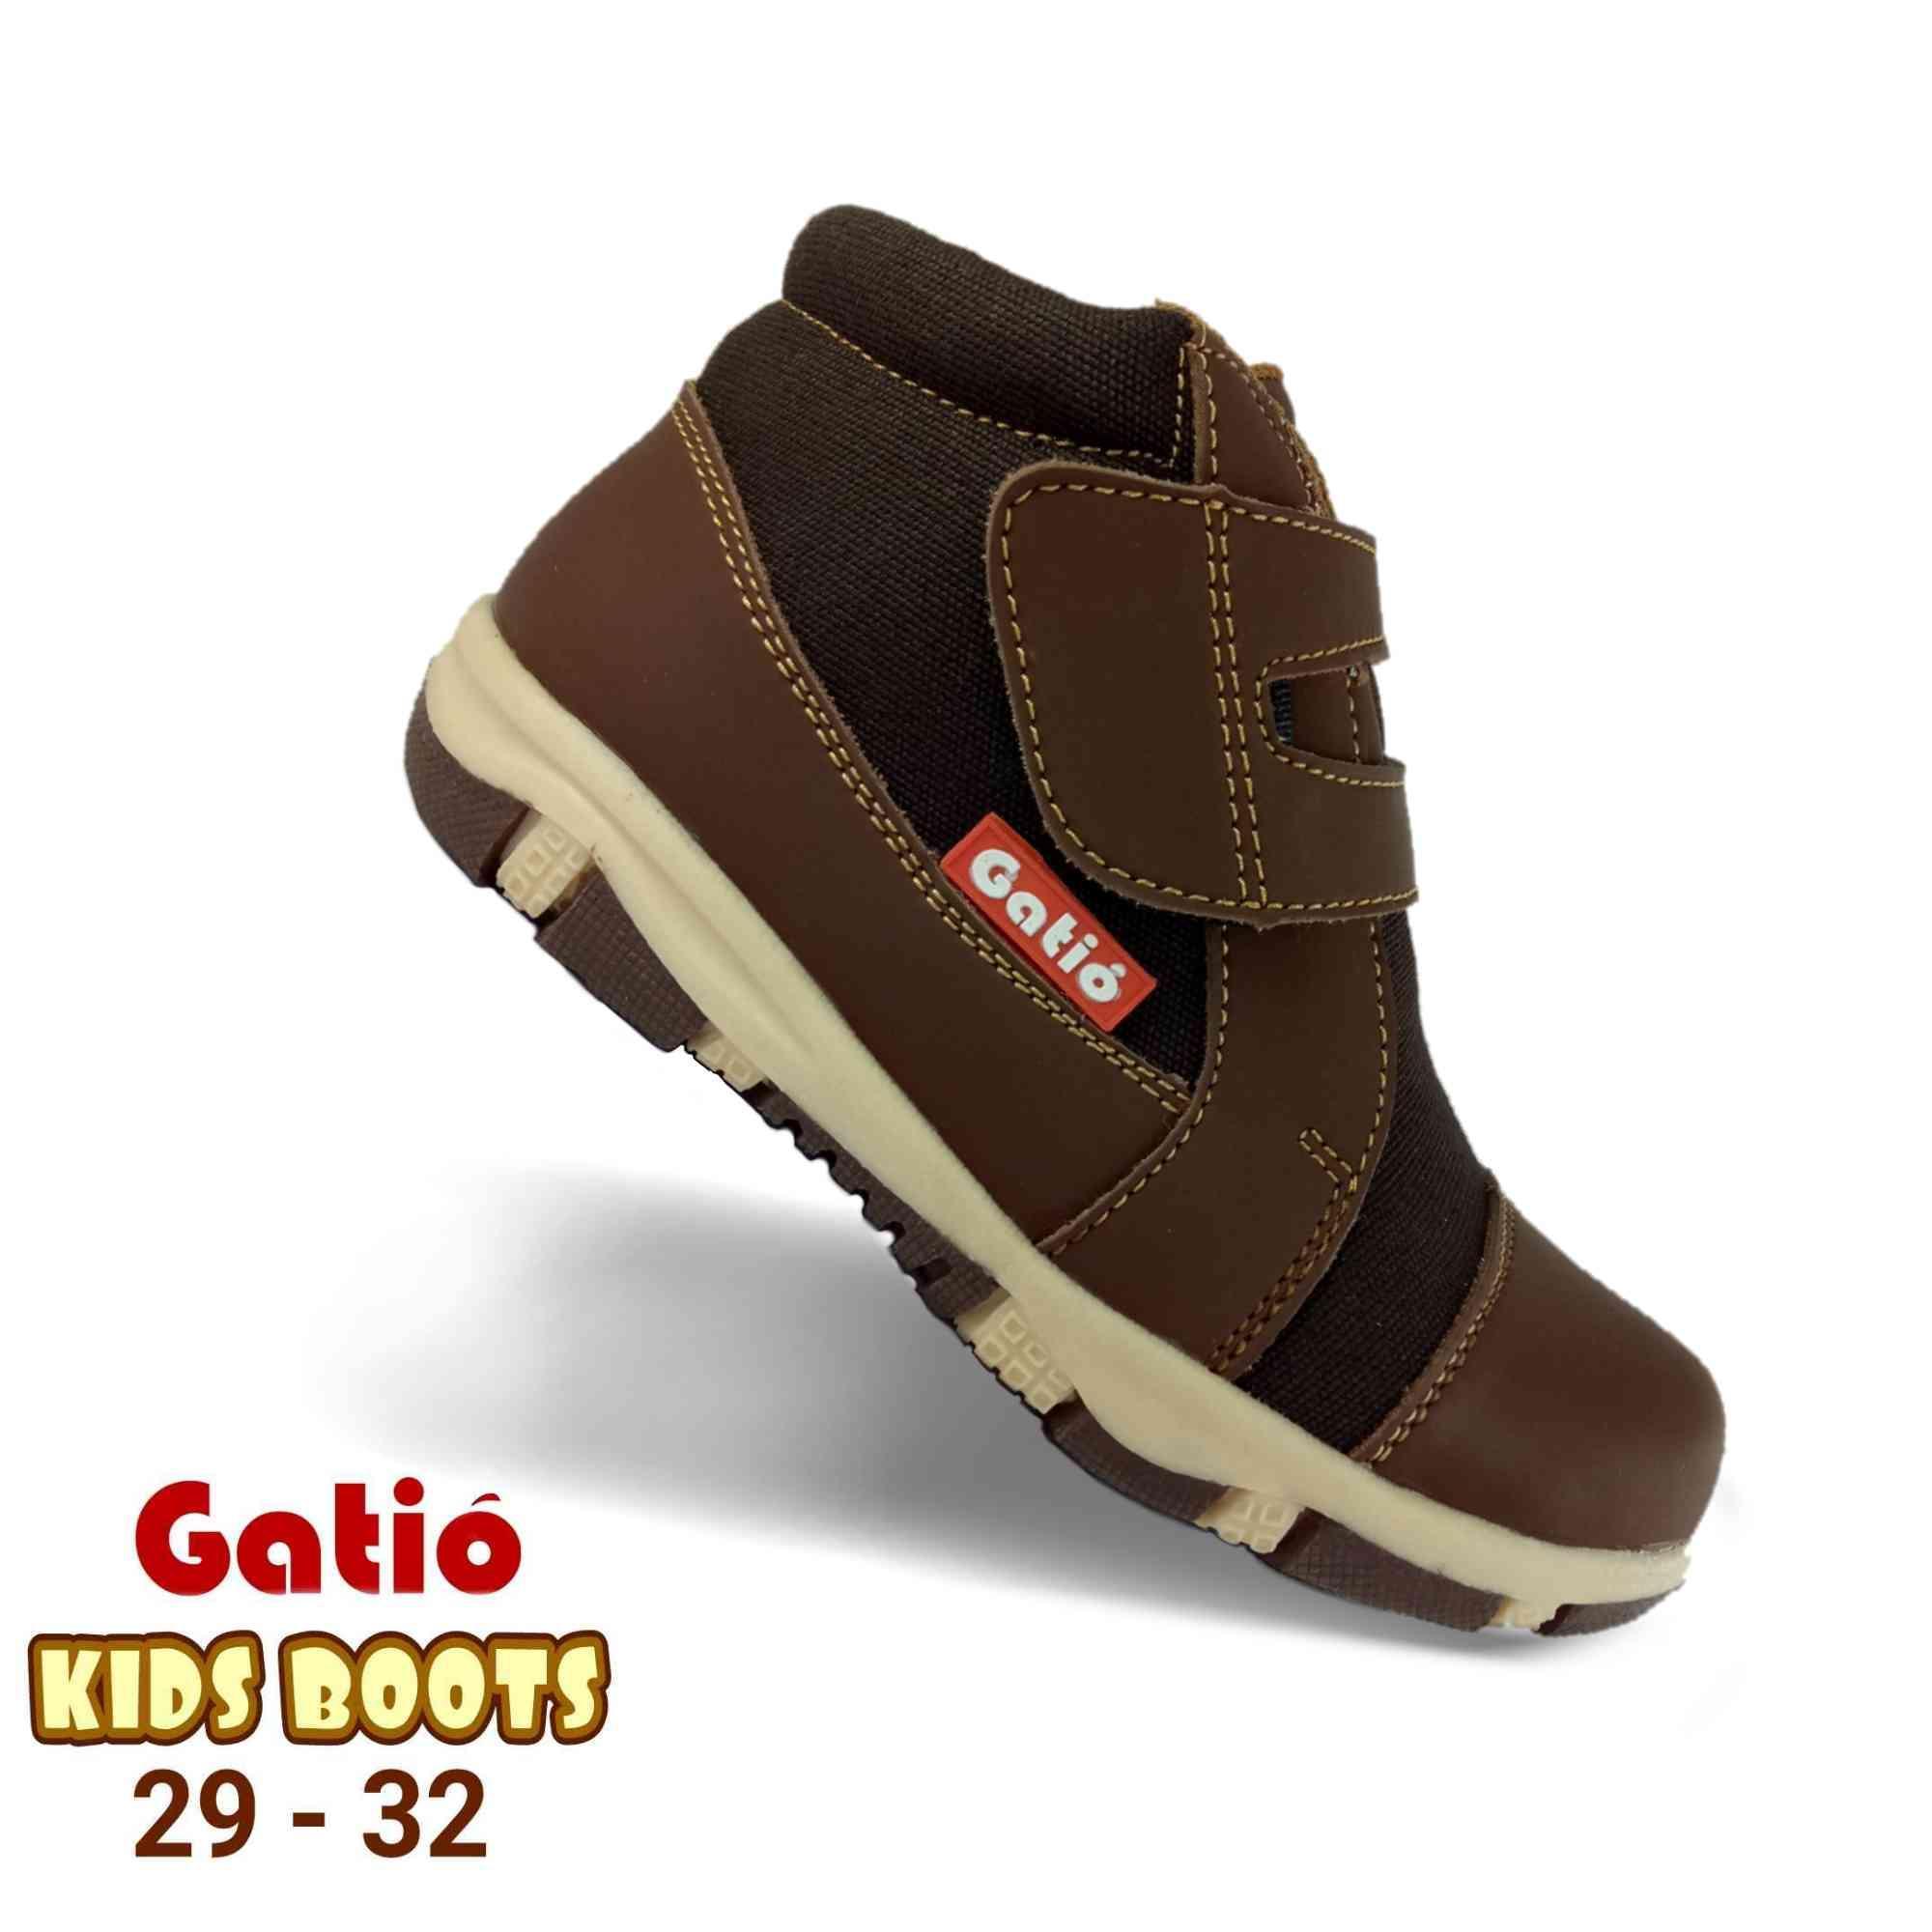 Gatio / Sepatu Boots Anak Laki Laki Cowok / Sepatu Anak Boot Anti Licin / Sepatu Sekolah Boot Anak Playgrup TK / Sepatu Sneakers Anak laki laki / Sepatu Anak Boots Laki laki cowok 2 3 4 5 6 7 tahun / Sepatu anak ukuran 28 29 30 31 32